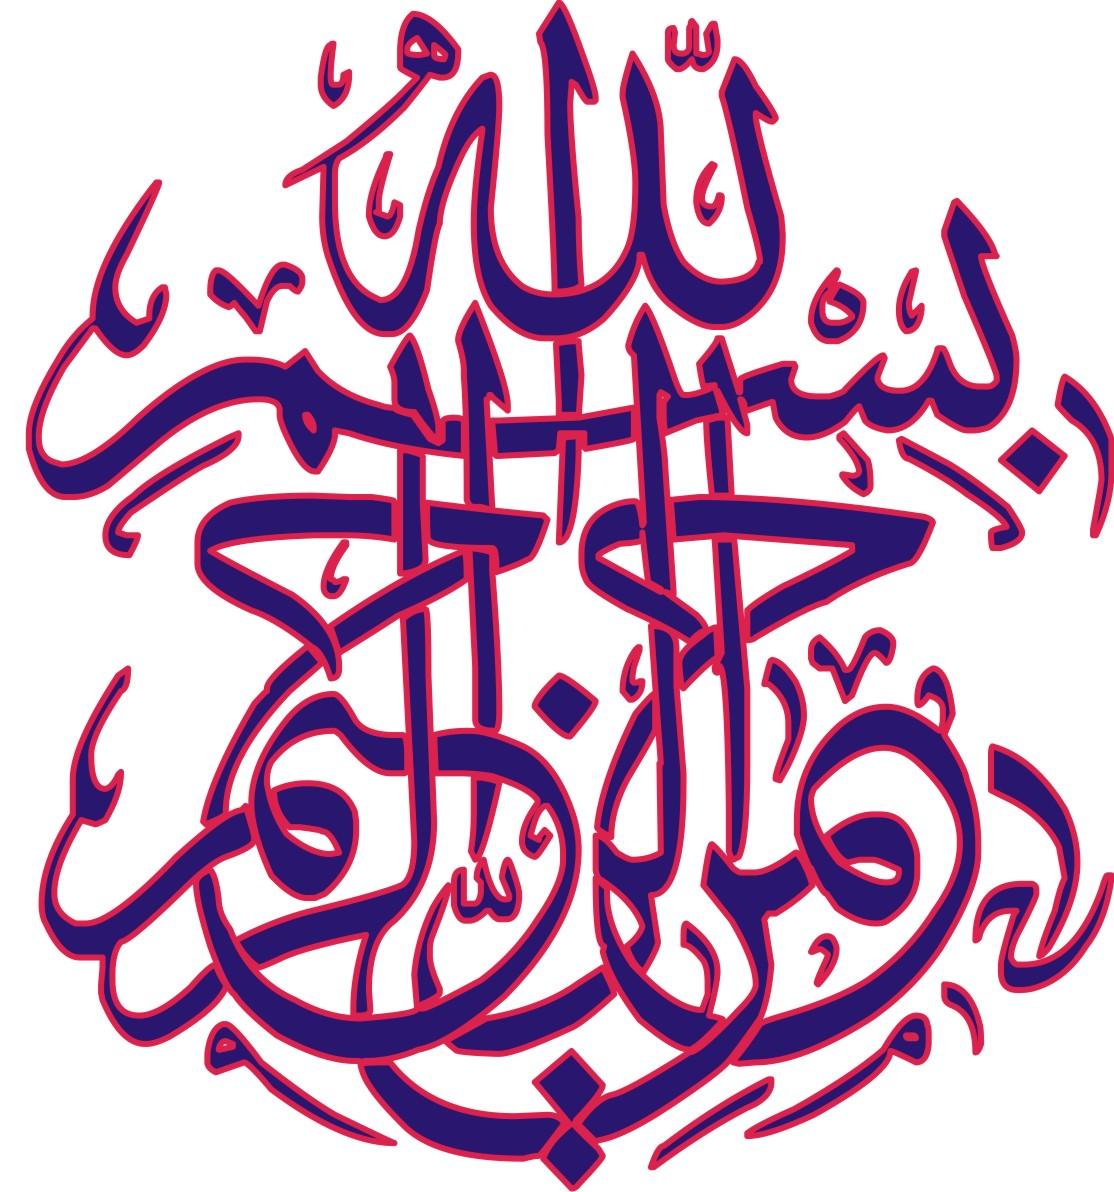 Gambar Kaligrafi Basmalah Berwarna baru | Download Gratis